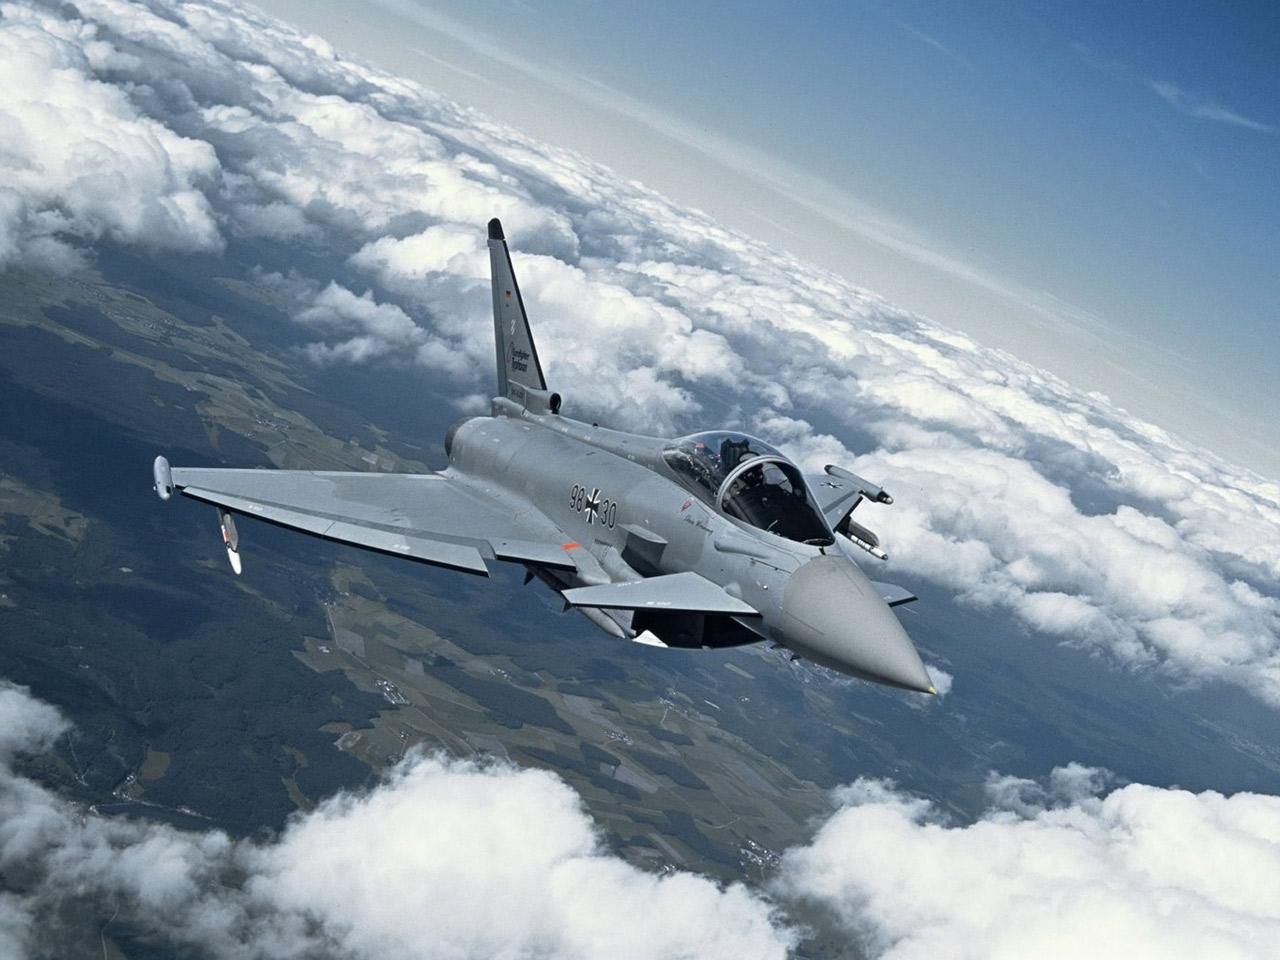 aircraft free eurofighter typhoon 250114 wallpaper wallpaper